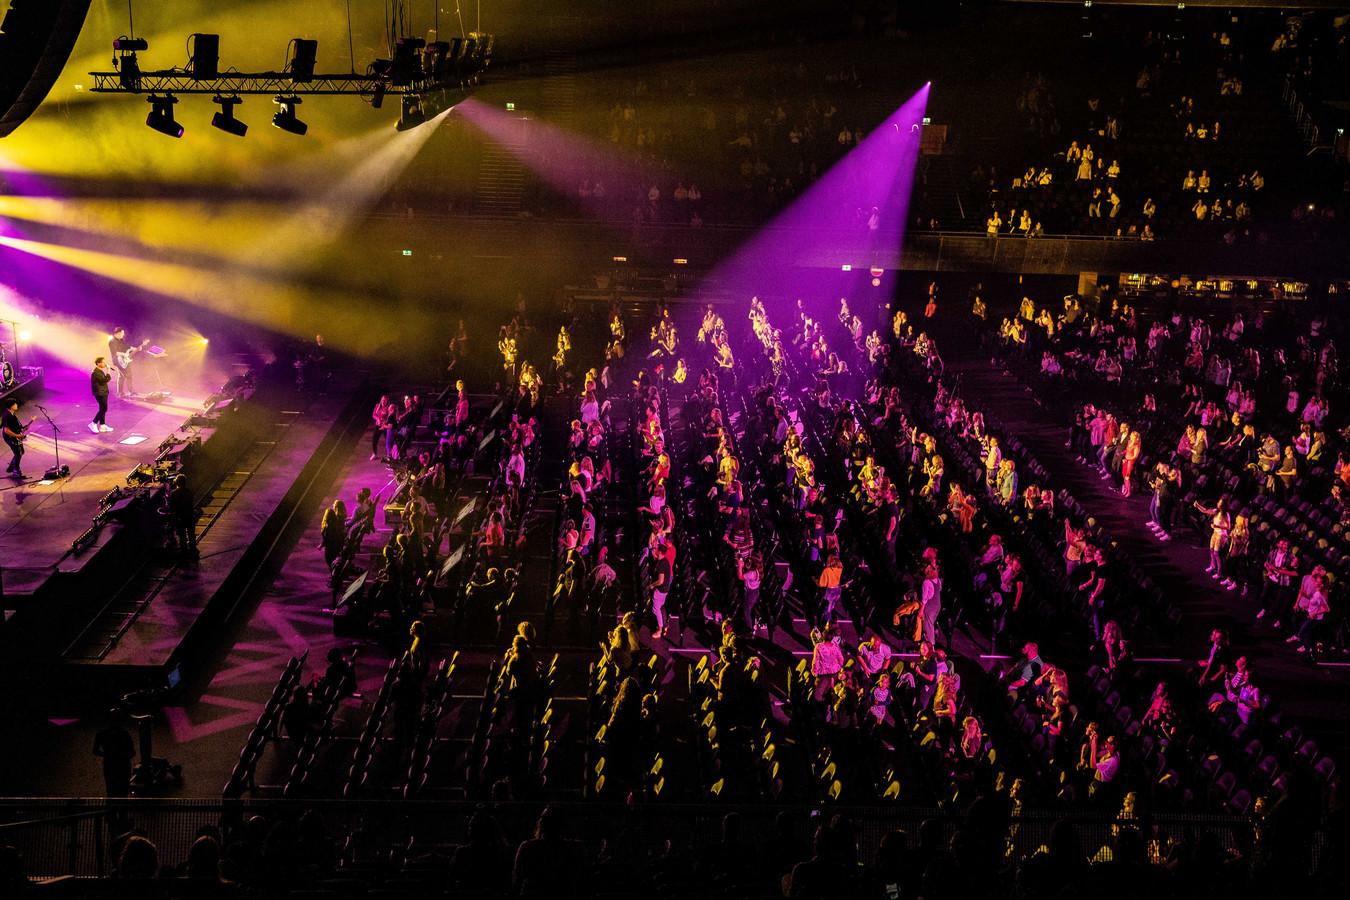 Nielson gisteravond in de Ziggo Dome tijdens het eerste Larger Than Live concert. Daarbij waren 2500 fans welkom in een zaal die plek biedt aan 17.000 toeschouwers.